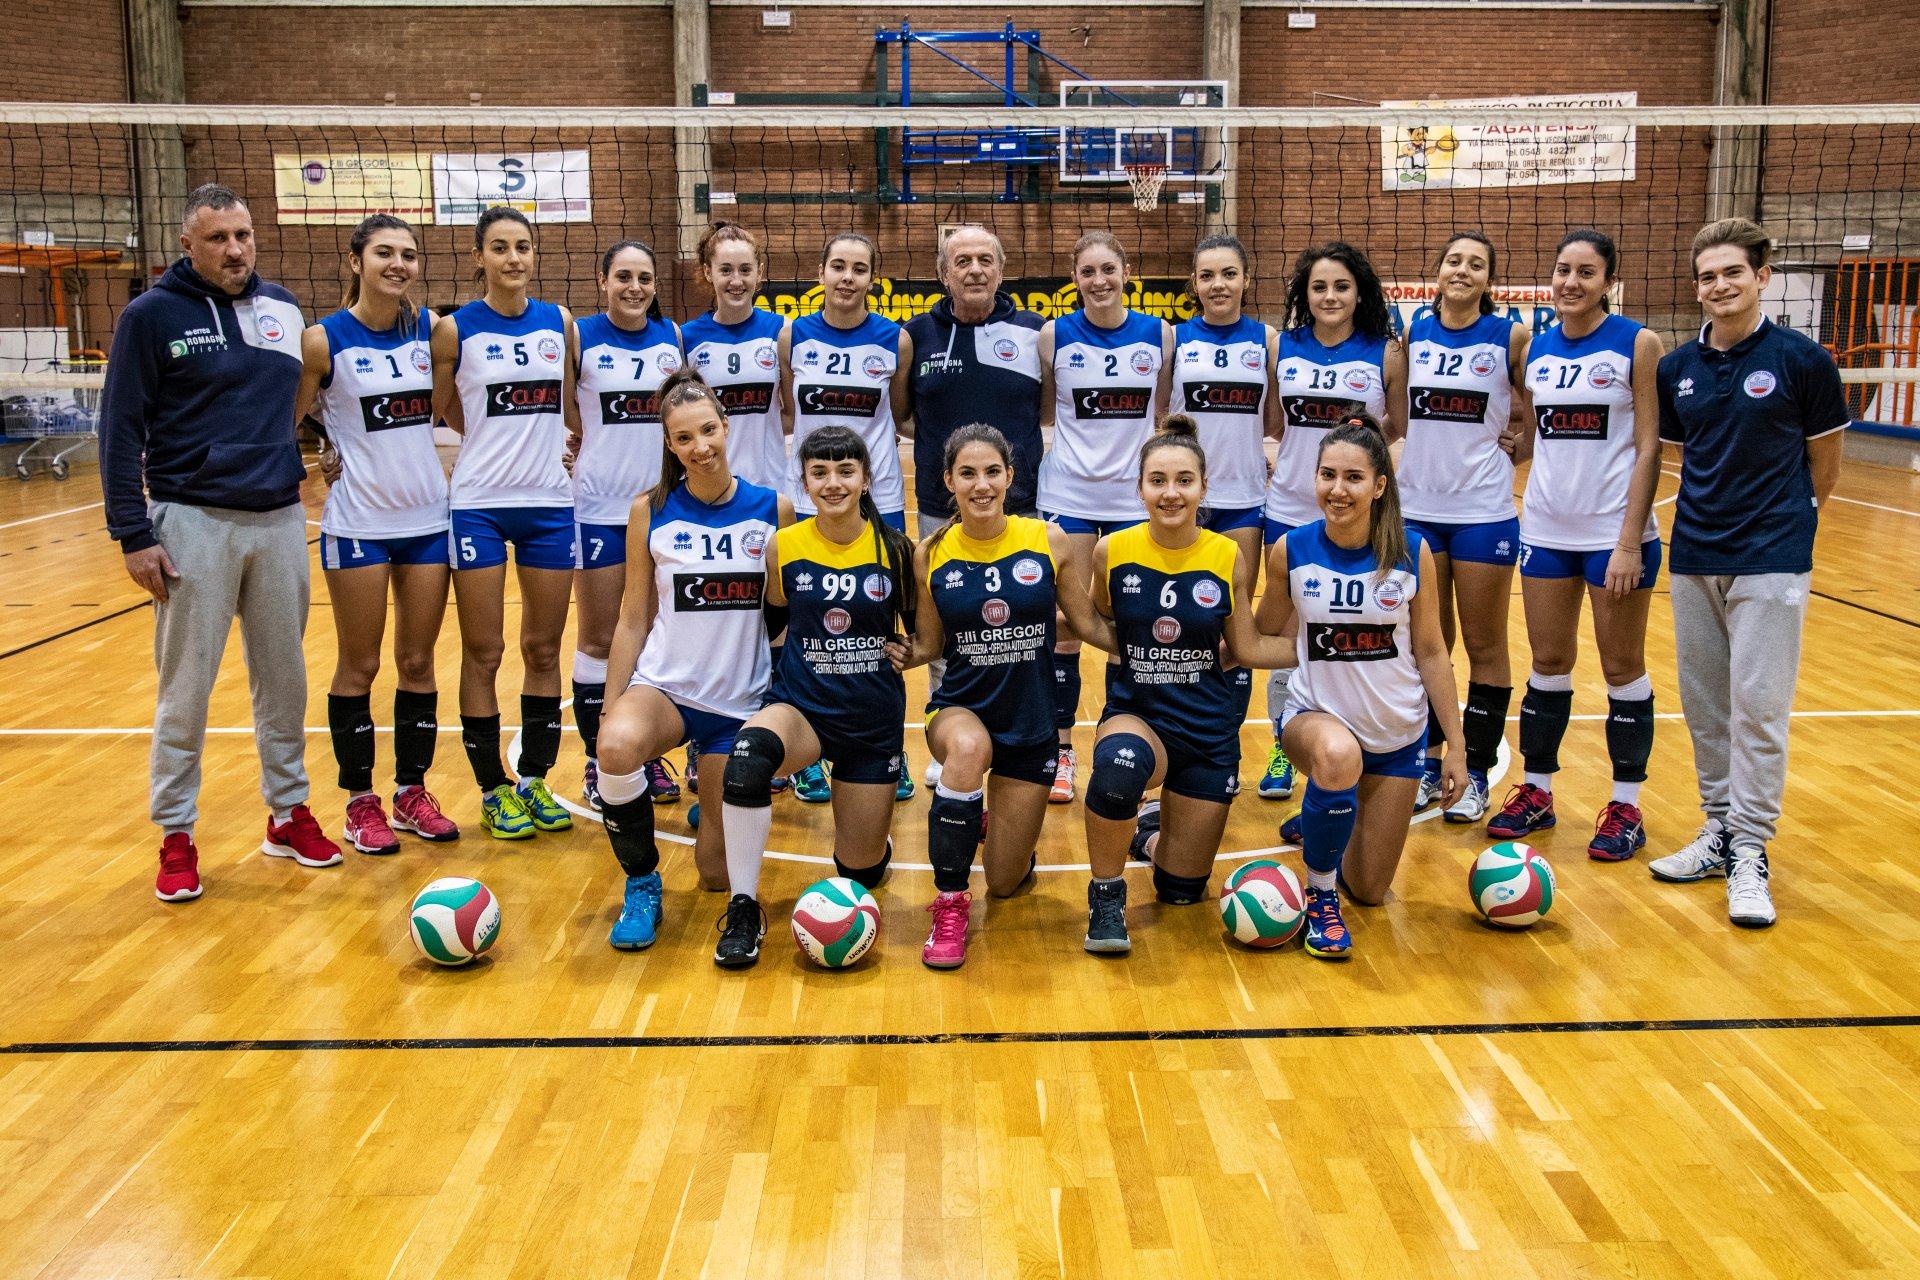 Libertas-Claus-Volley-Forlì-serie-C